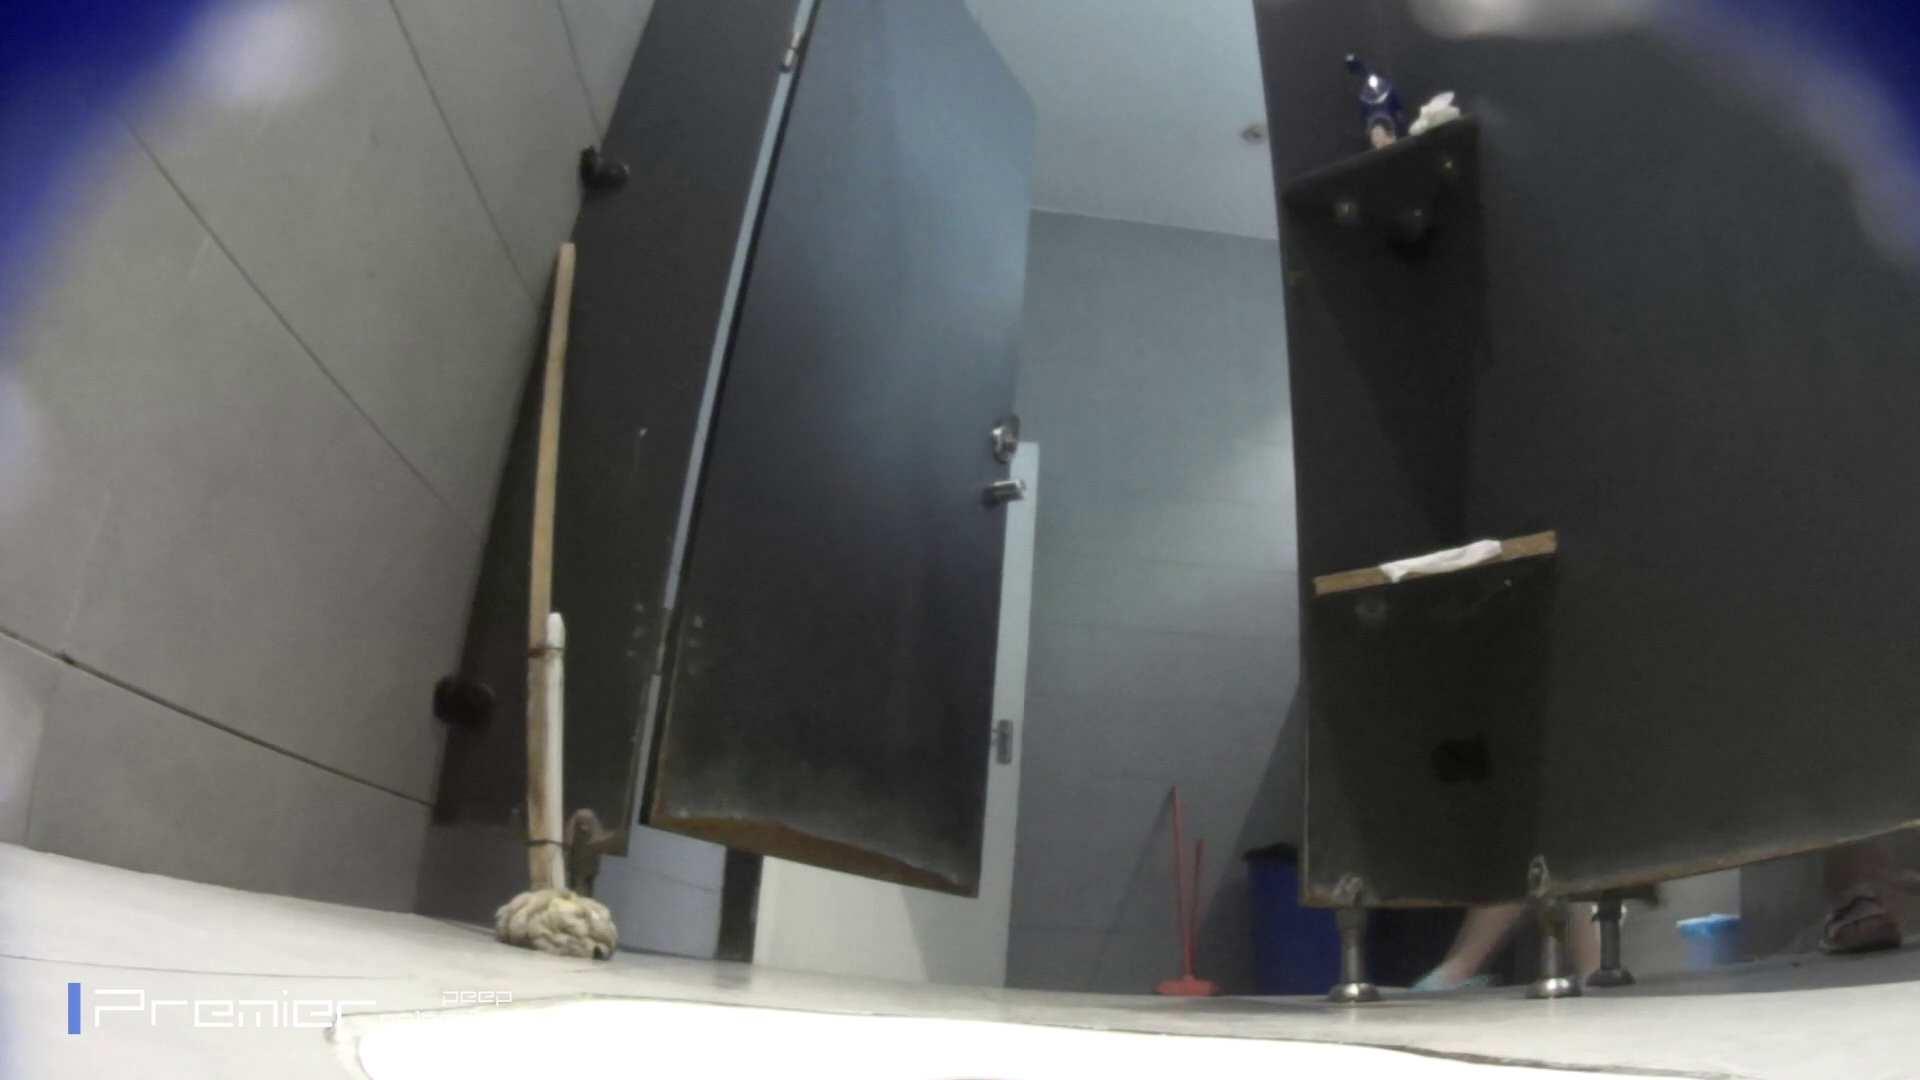 トイレットペーパーを握りしめ個室に入る乙女 大学休憩時間の洗面所事情83 トイレ  92PIX 1